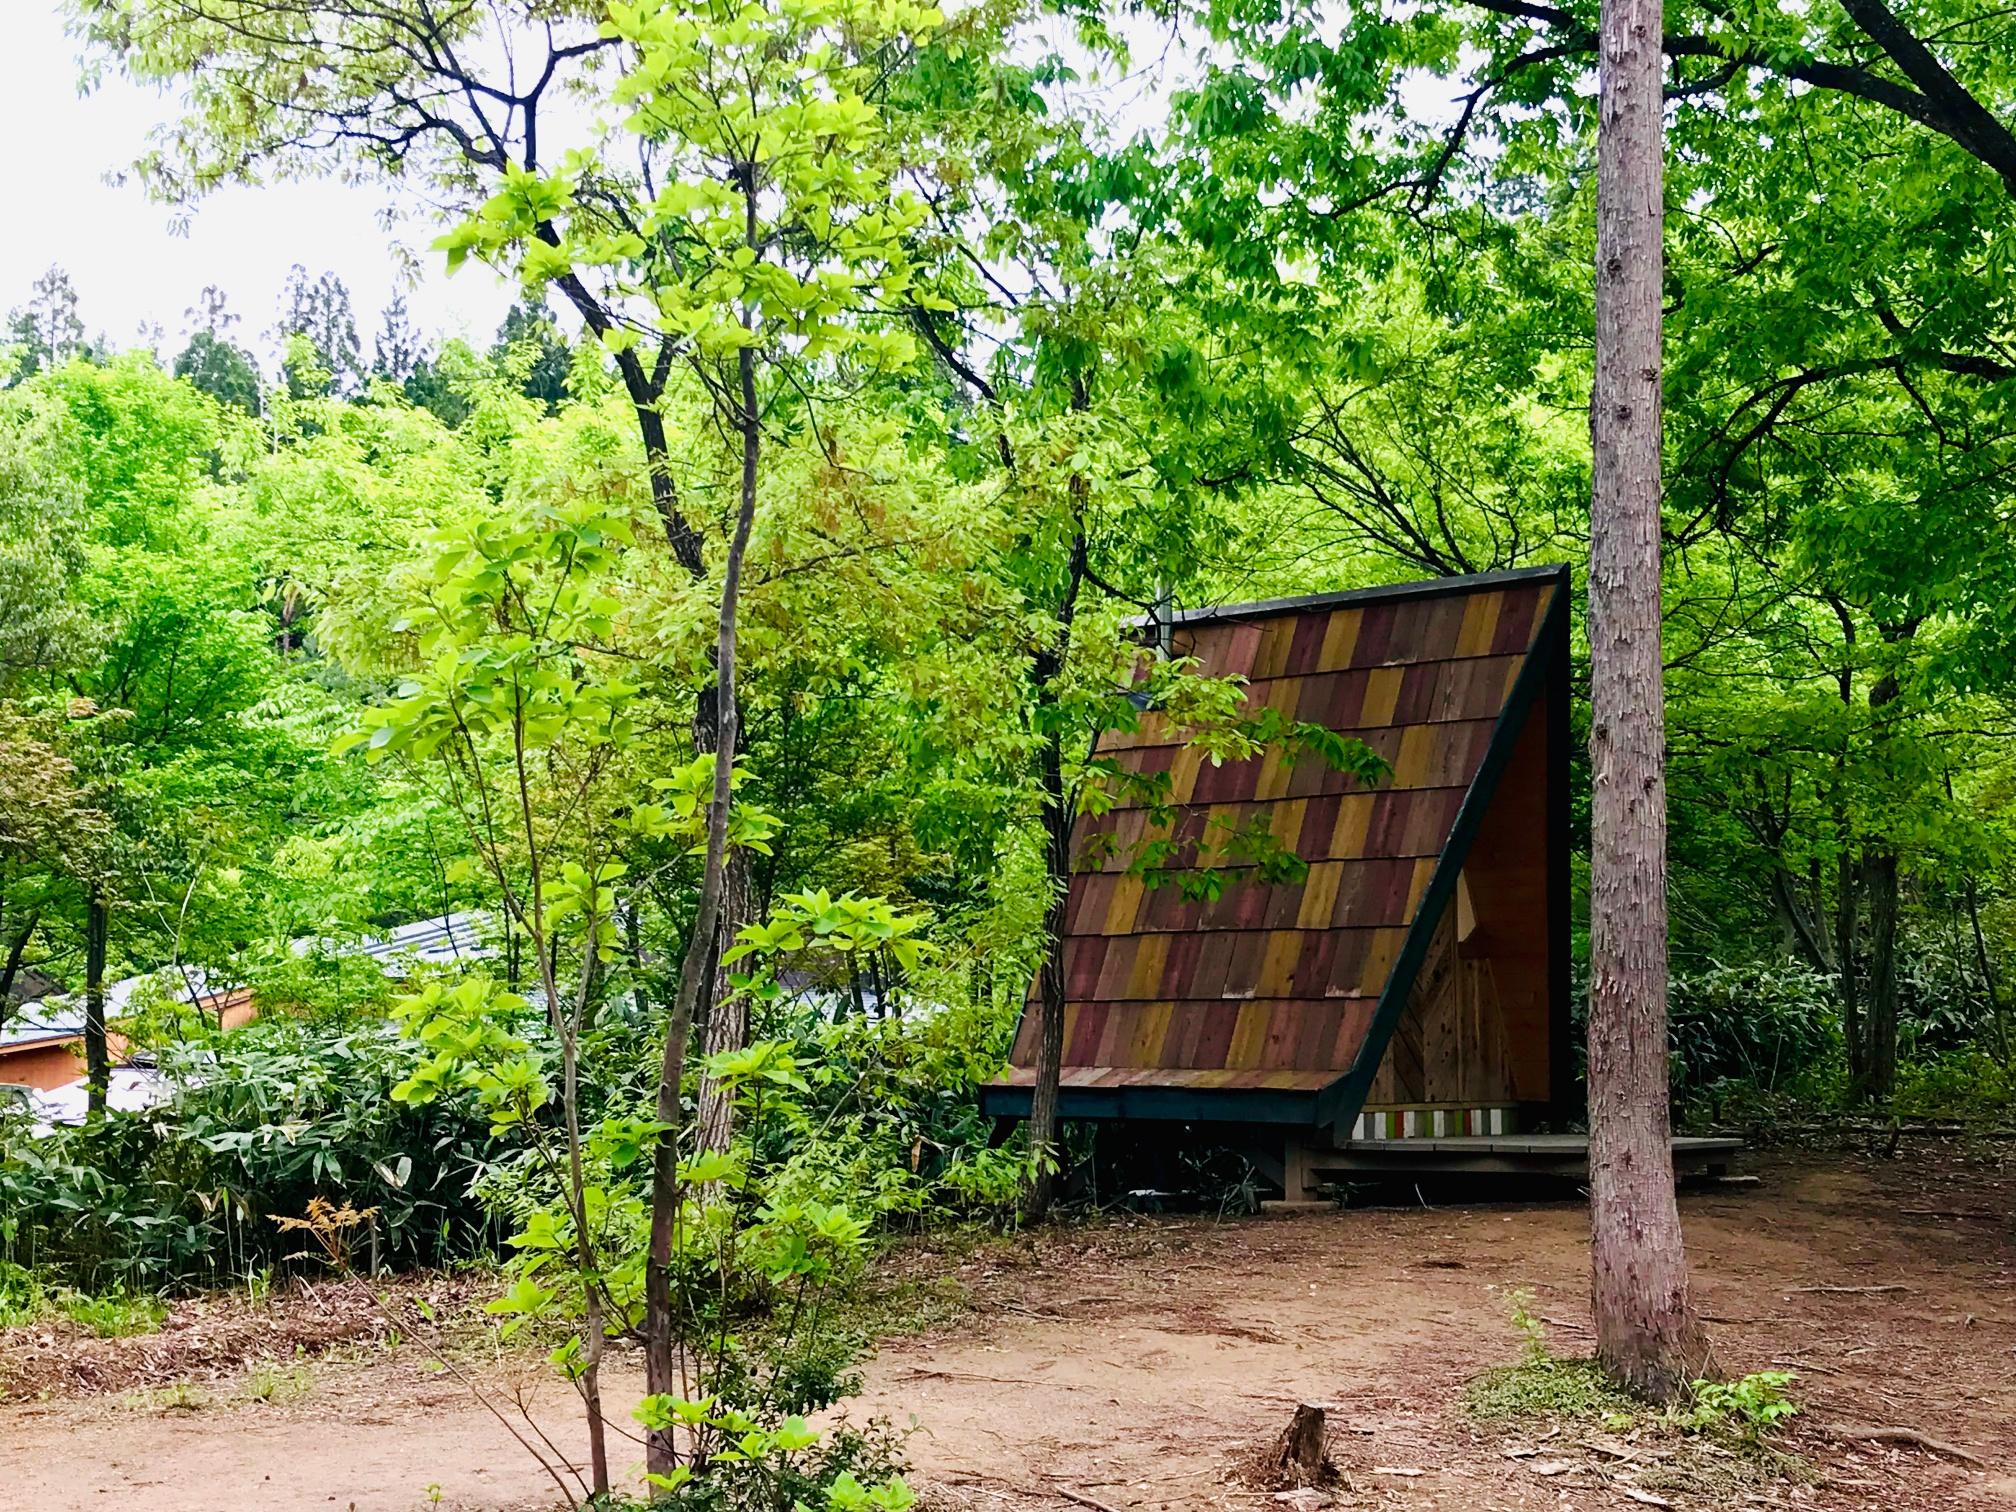 月岡温泉ワクワクファーム三角形の建物